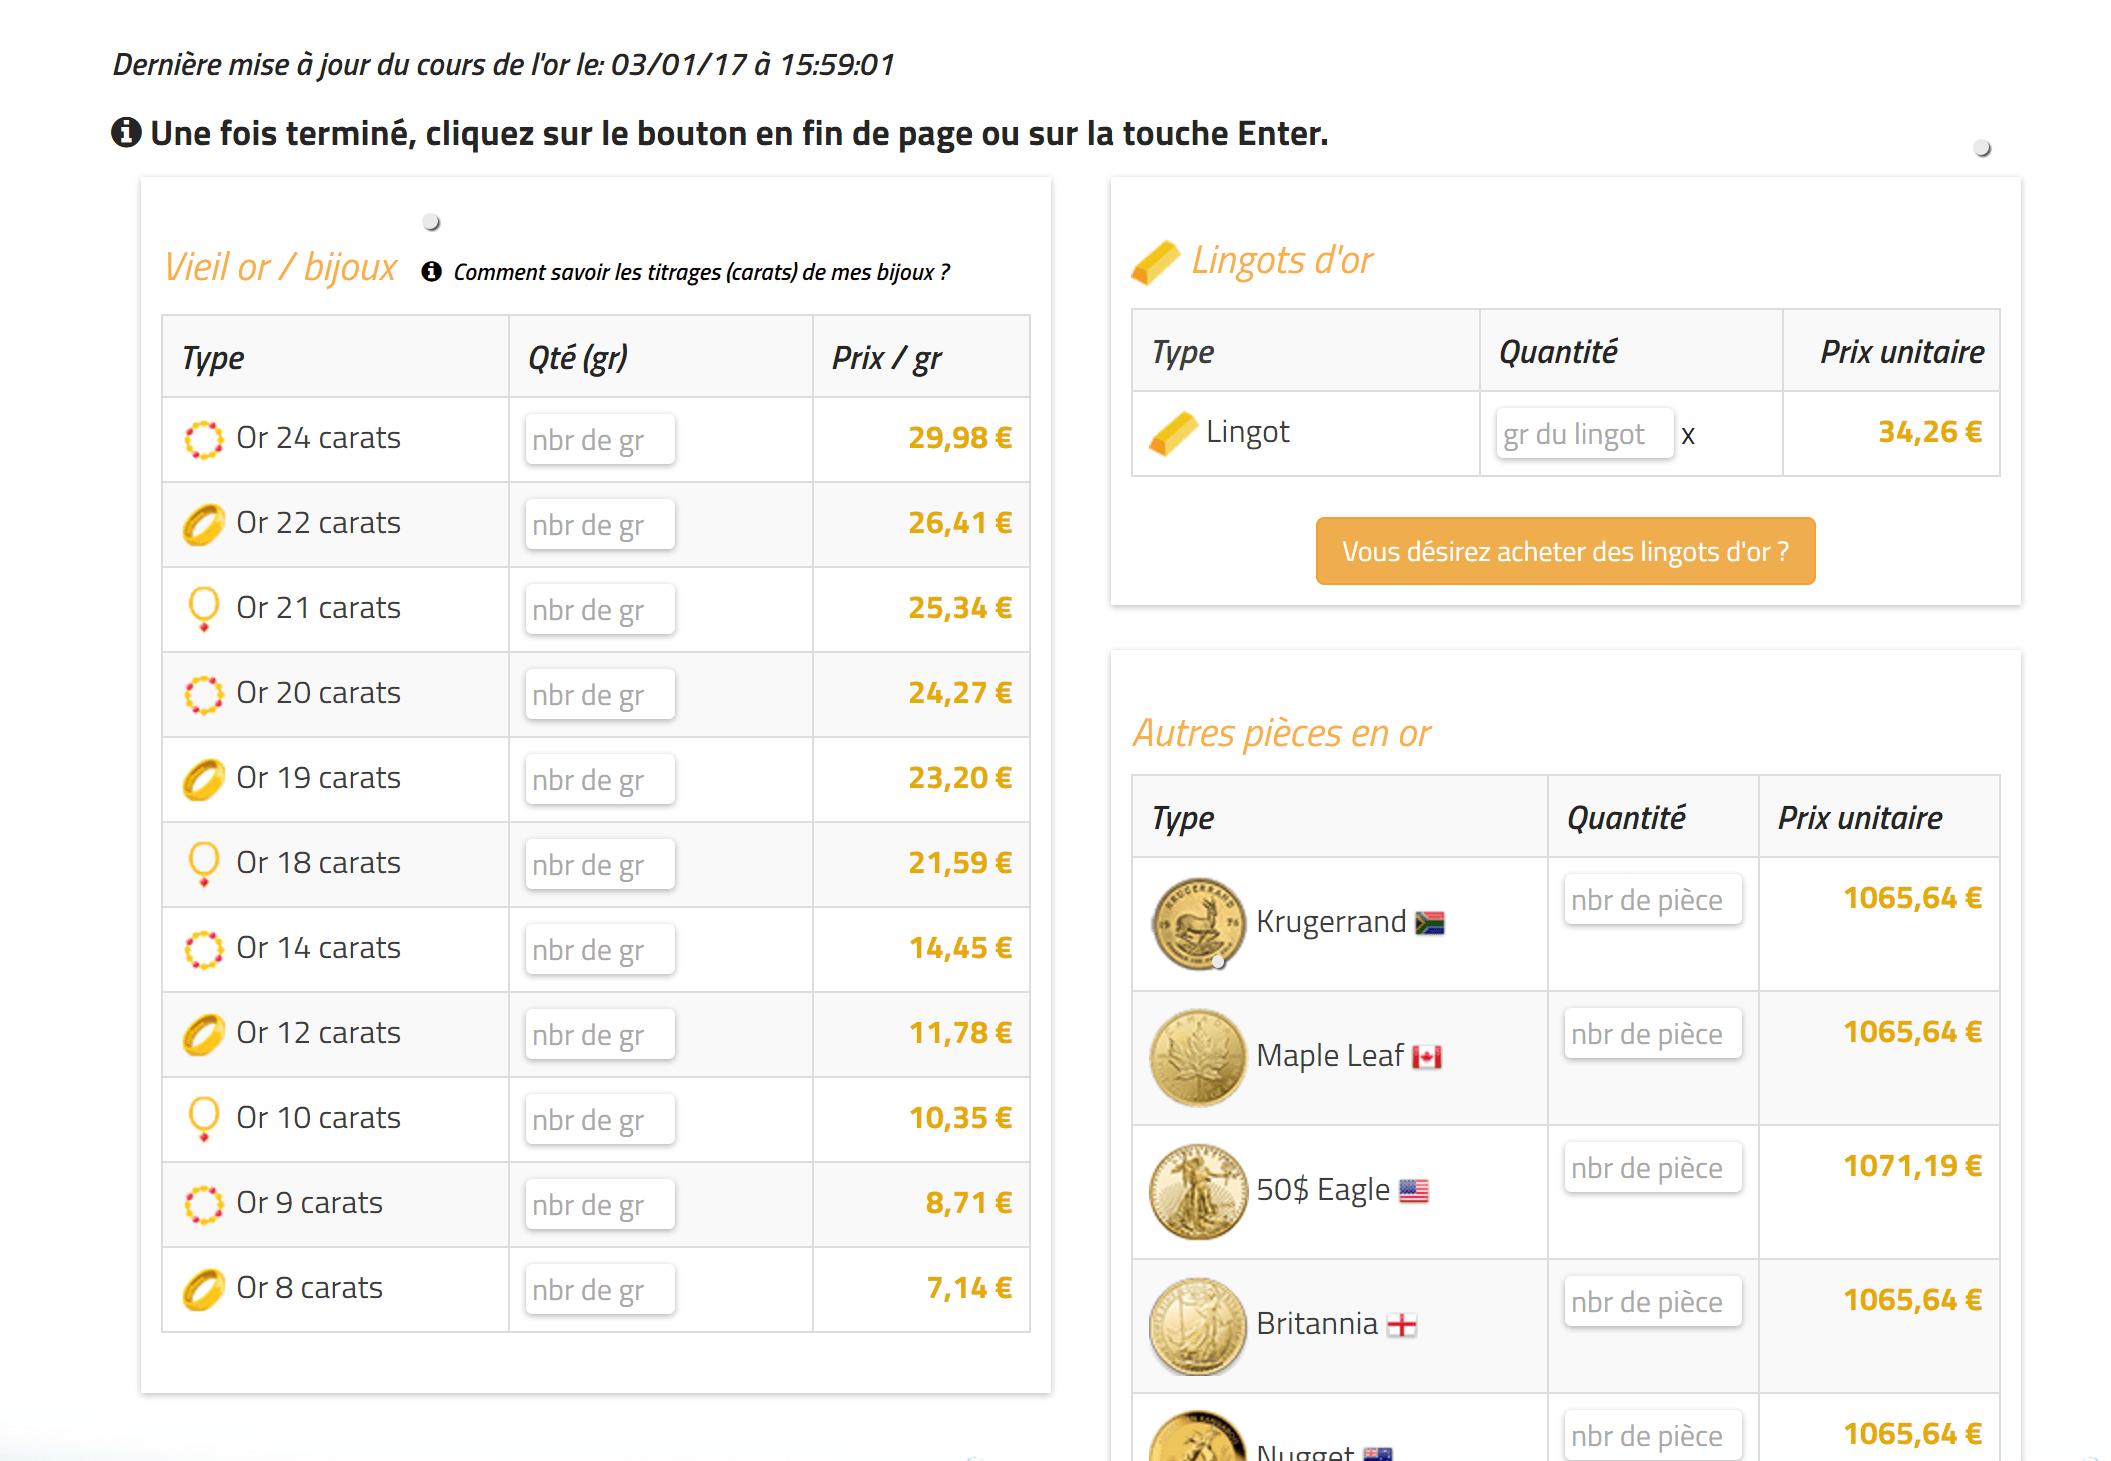 prix de rachat d'une bague en or